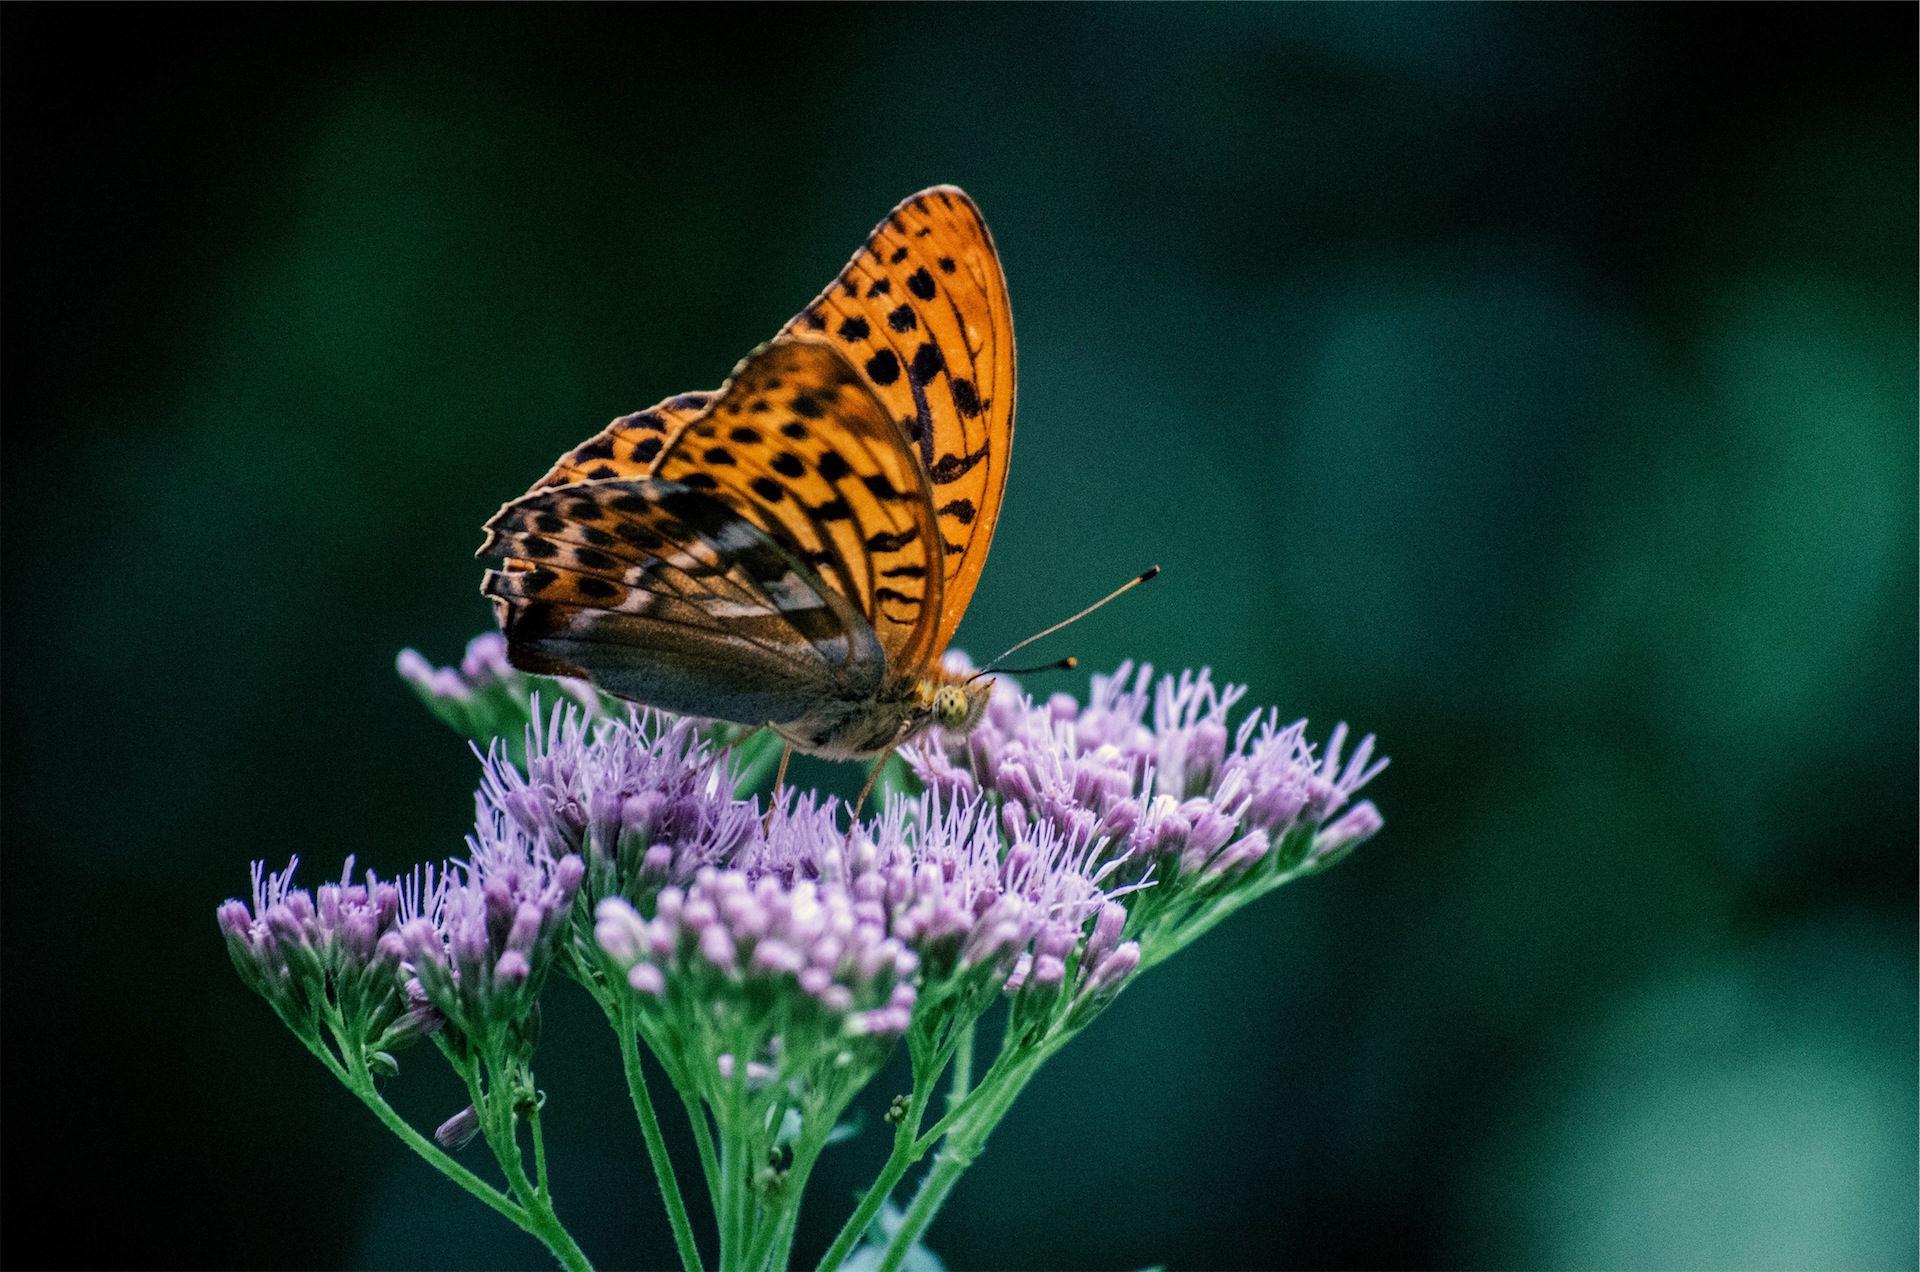 蝴蝶, 花, 翅膀, 美, 昆虫 - 高清壁纸 - 教授-falken.com